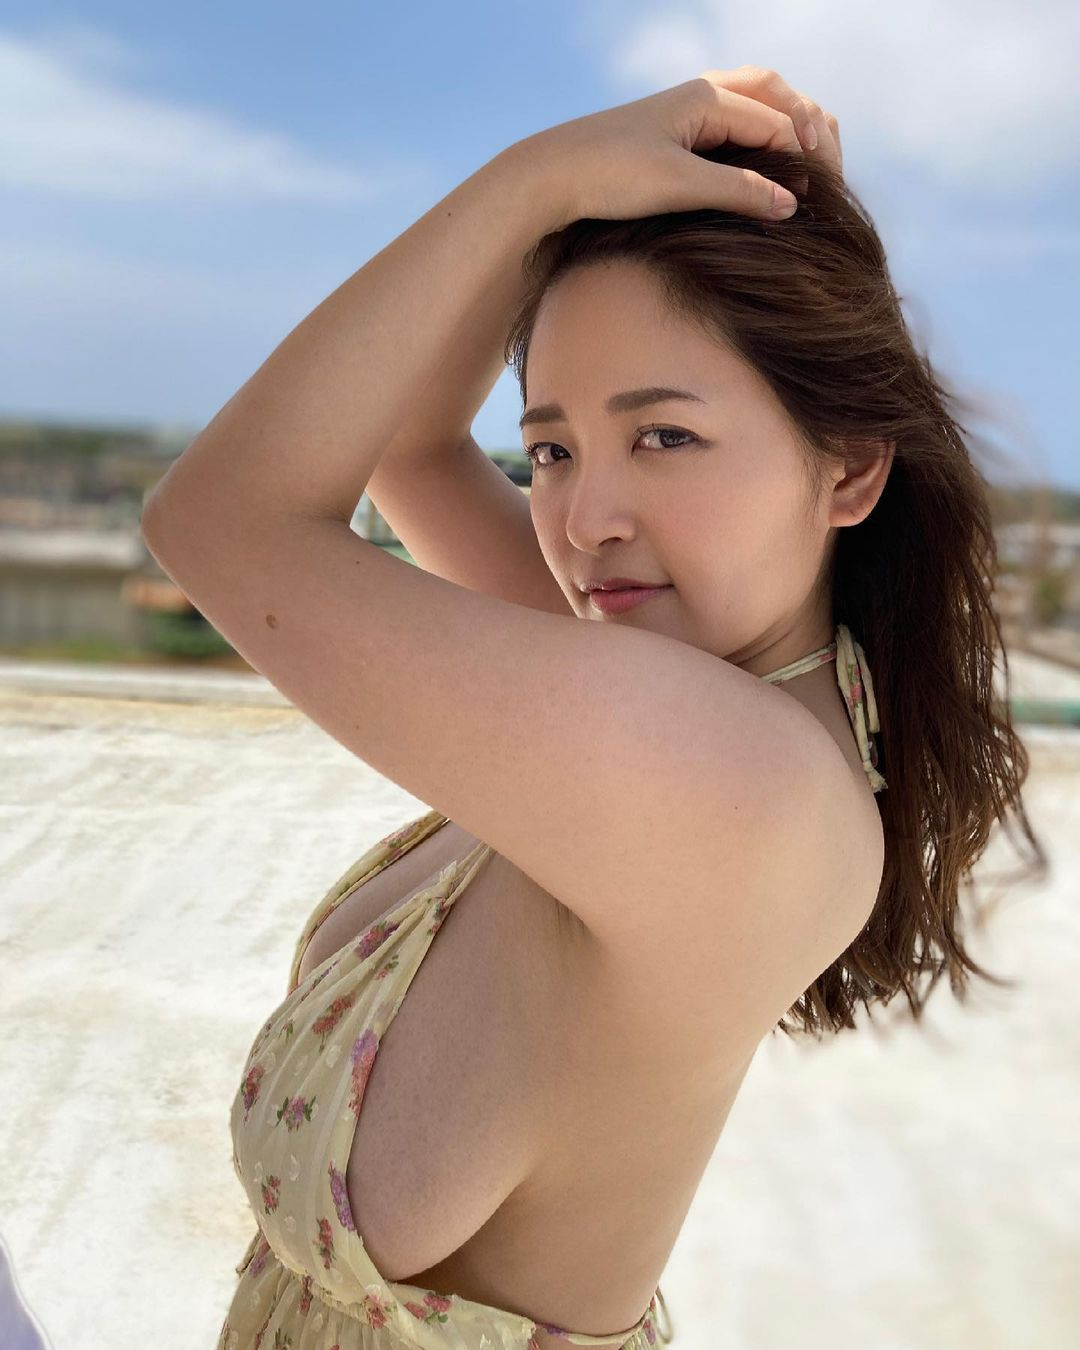 「タイトルは何になるか今から 楽しみだねっ^ ^」宮古島での新作DVD撮影を報告【柳瀬さきさん/2021年4月16日】